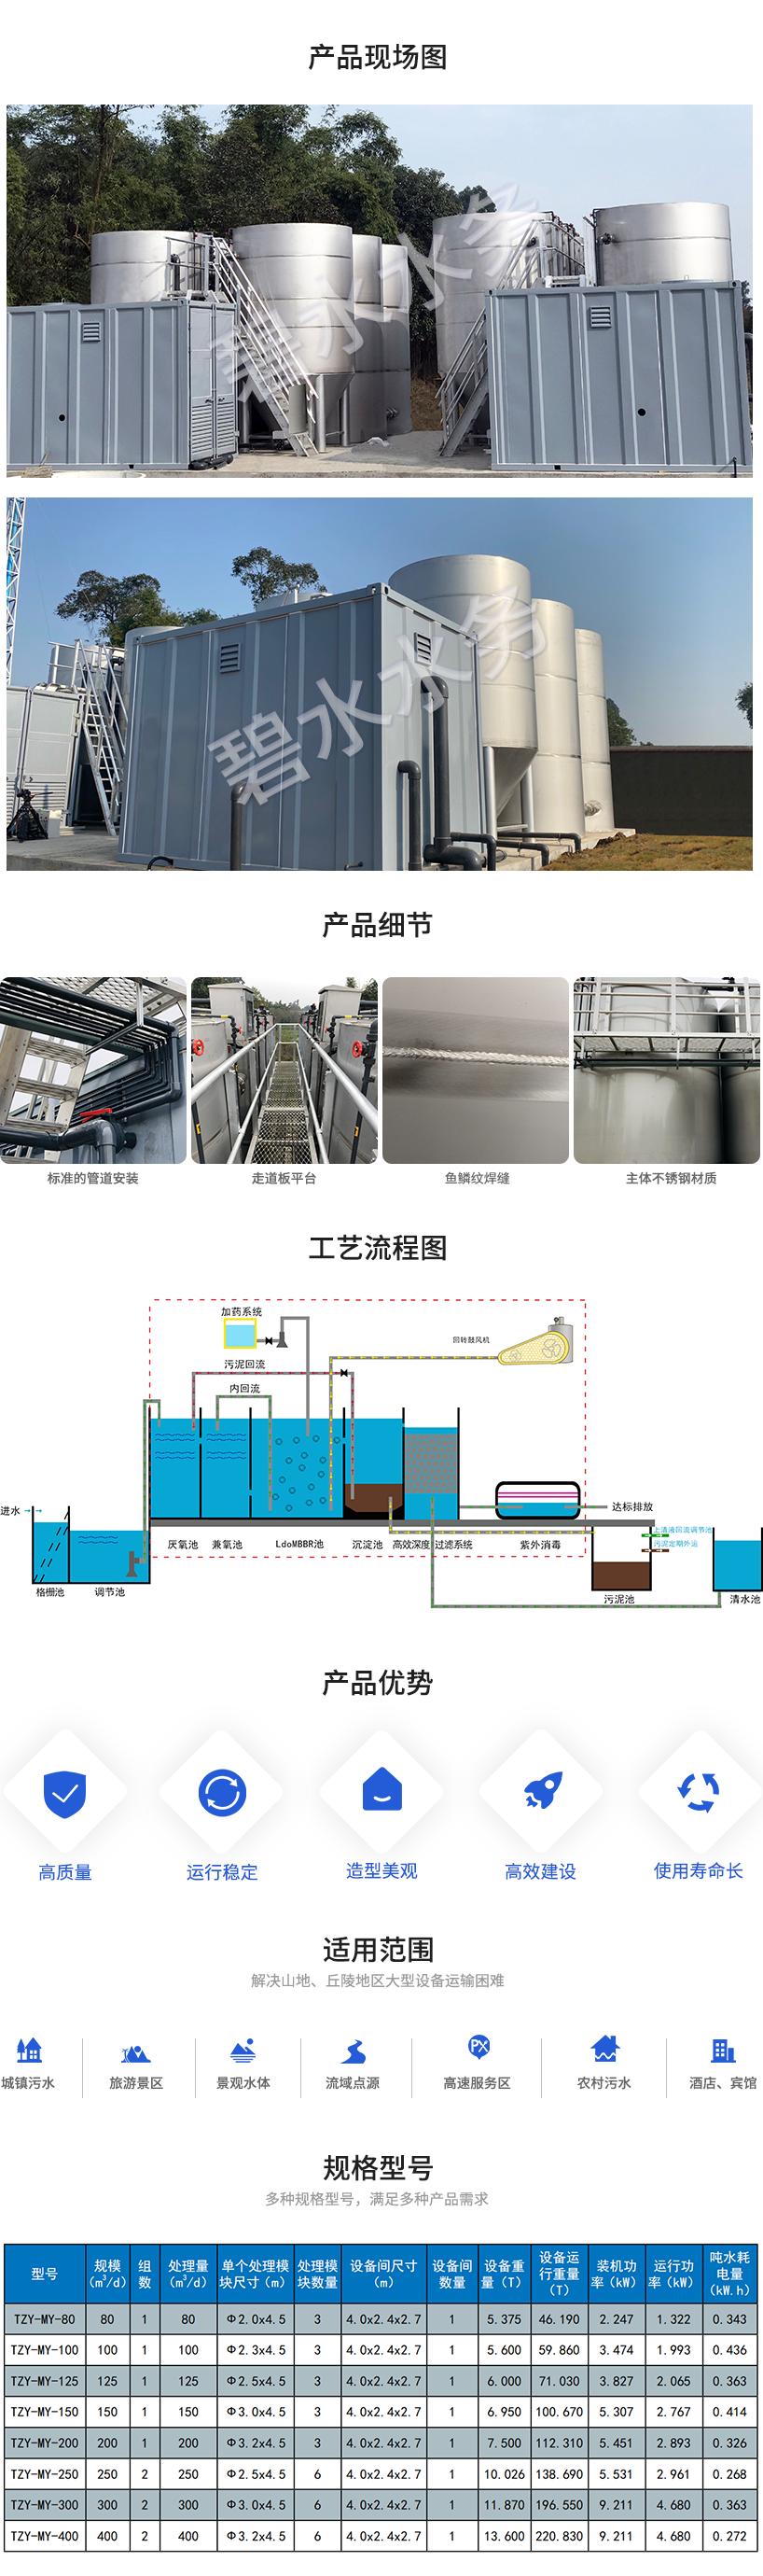 圆形模块化污水处理设备_p.png